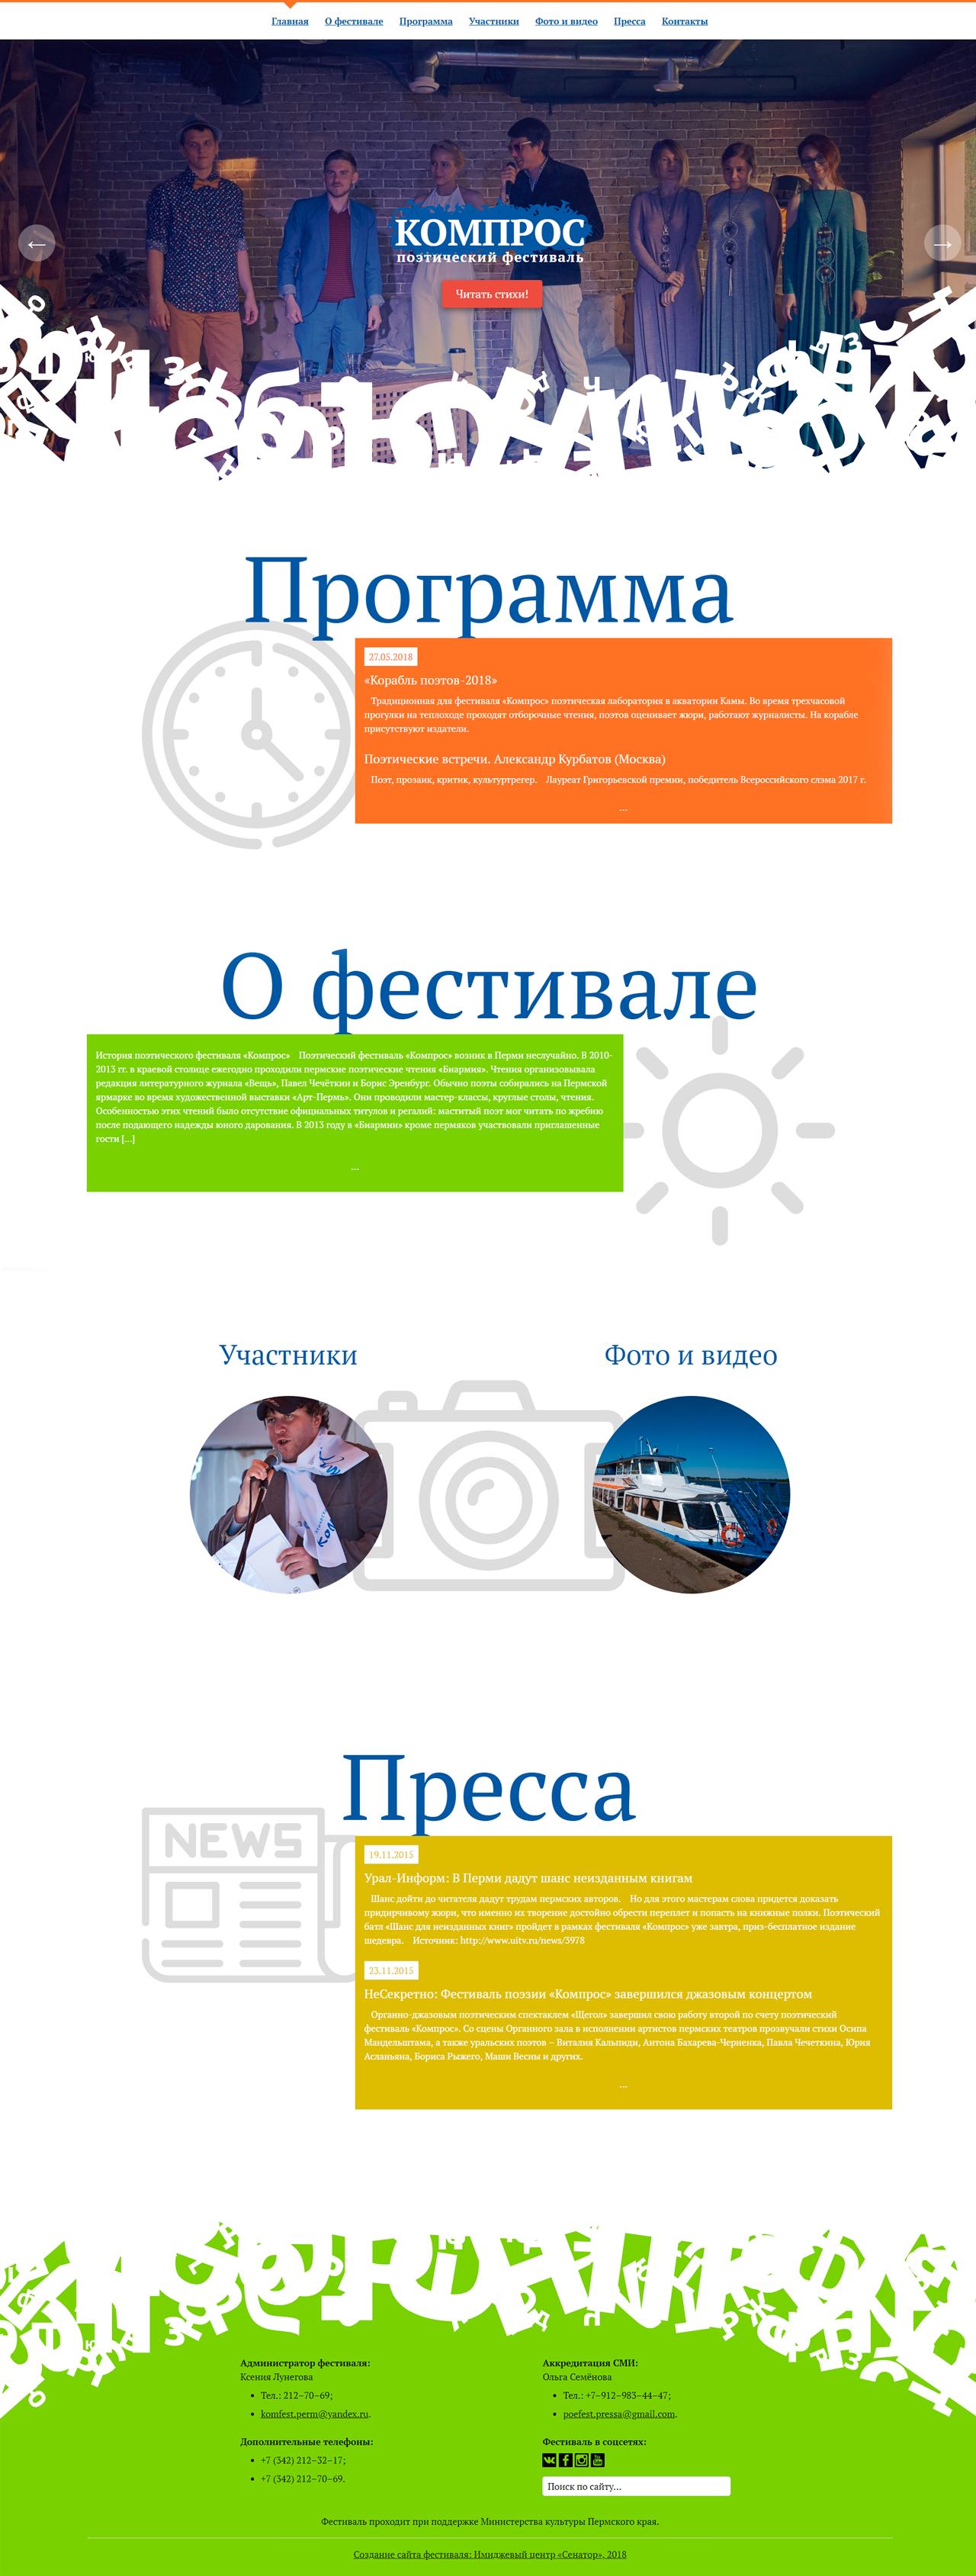 Вторая версия сайта фестиваля Компрос